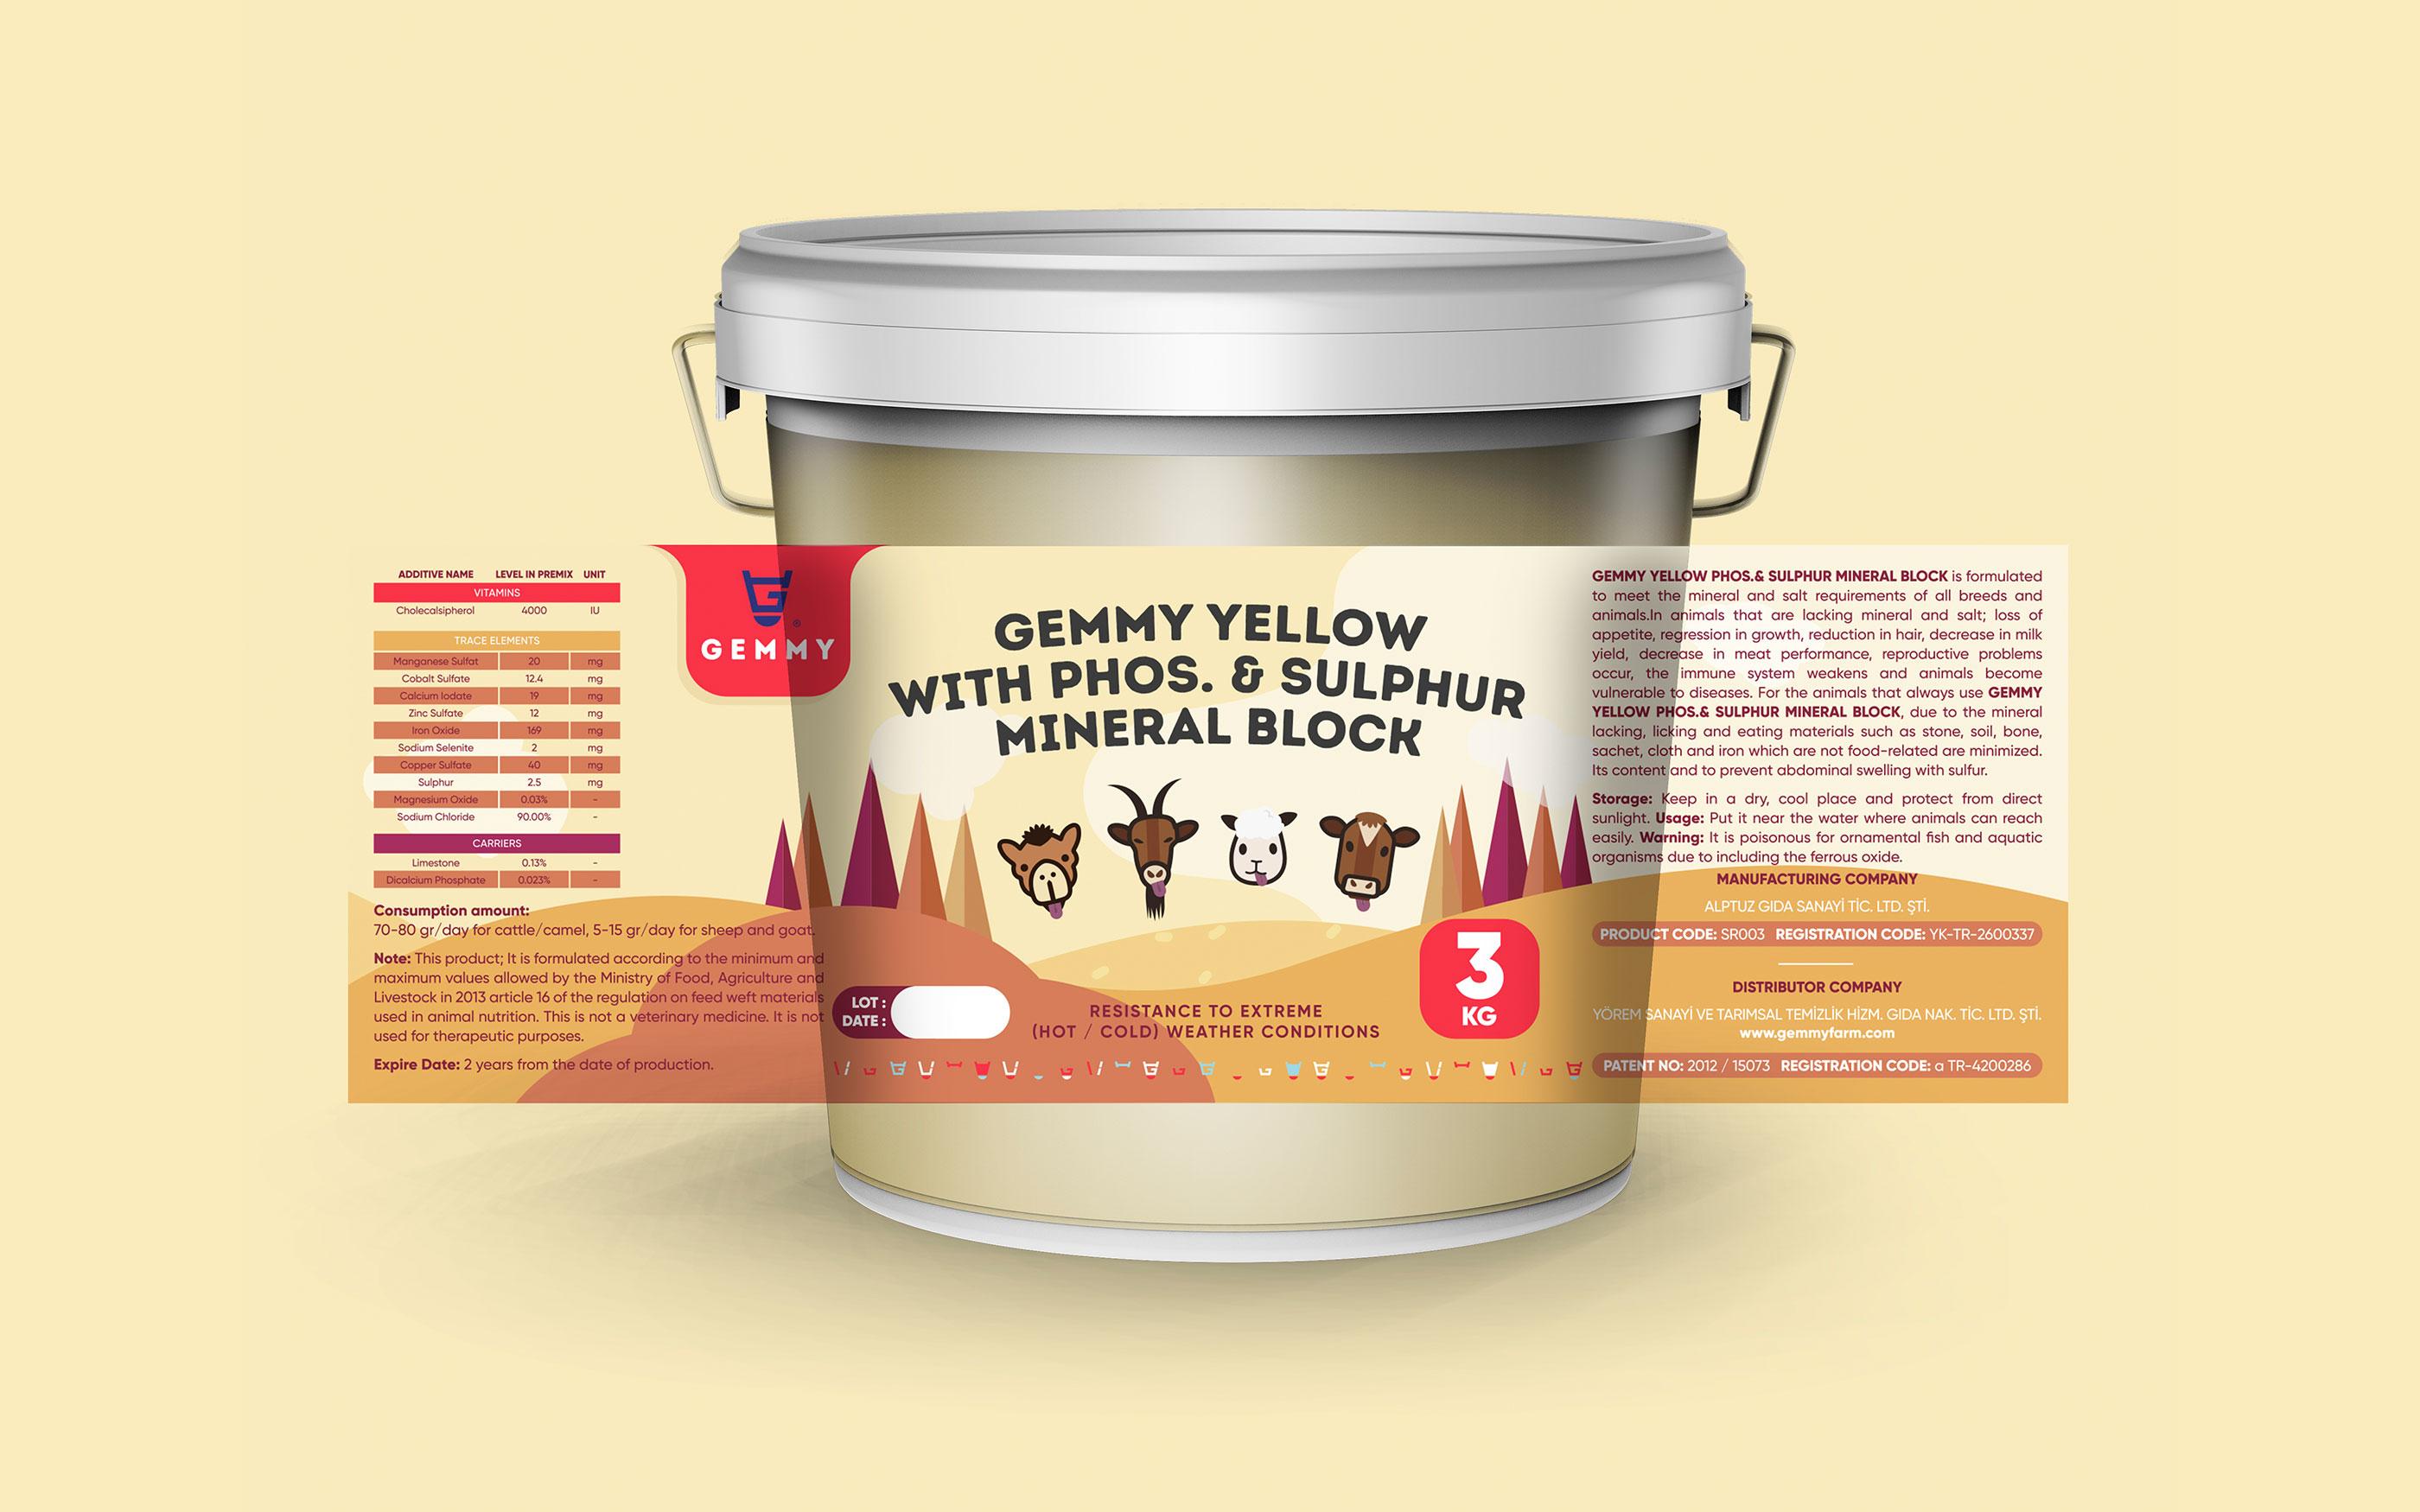 gemmy-animal-feed-yellow